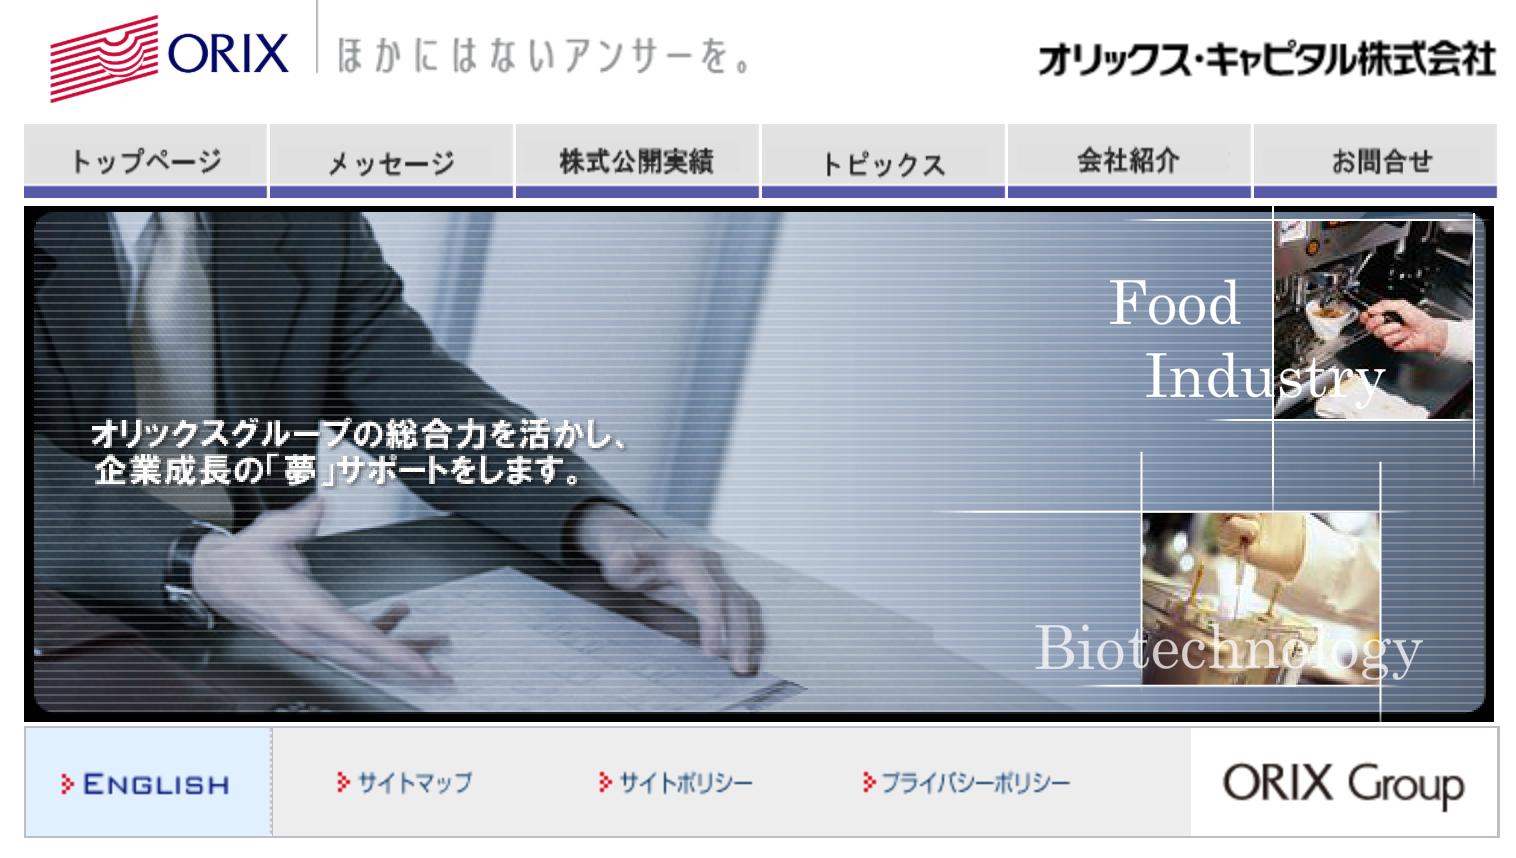 【2017年版】日本の 金融系 ベンチャーキャピタル VC 一覧 まとめ13選-オリックス・キャピタル